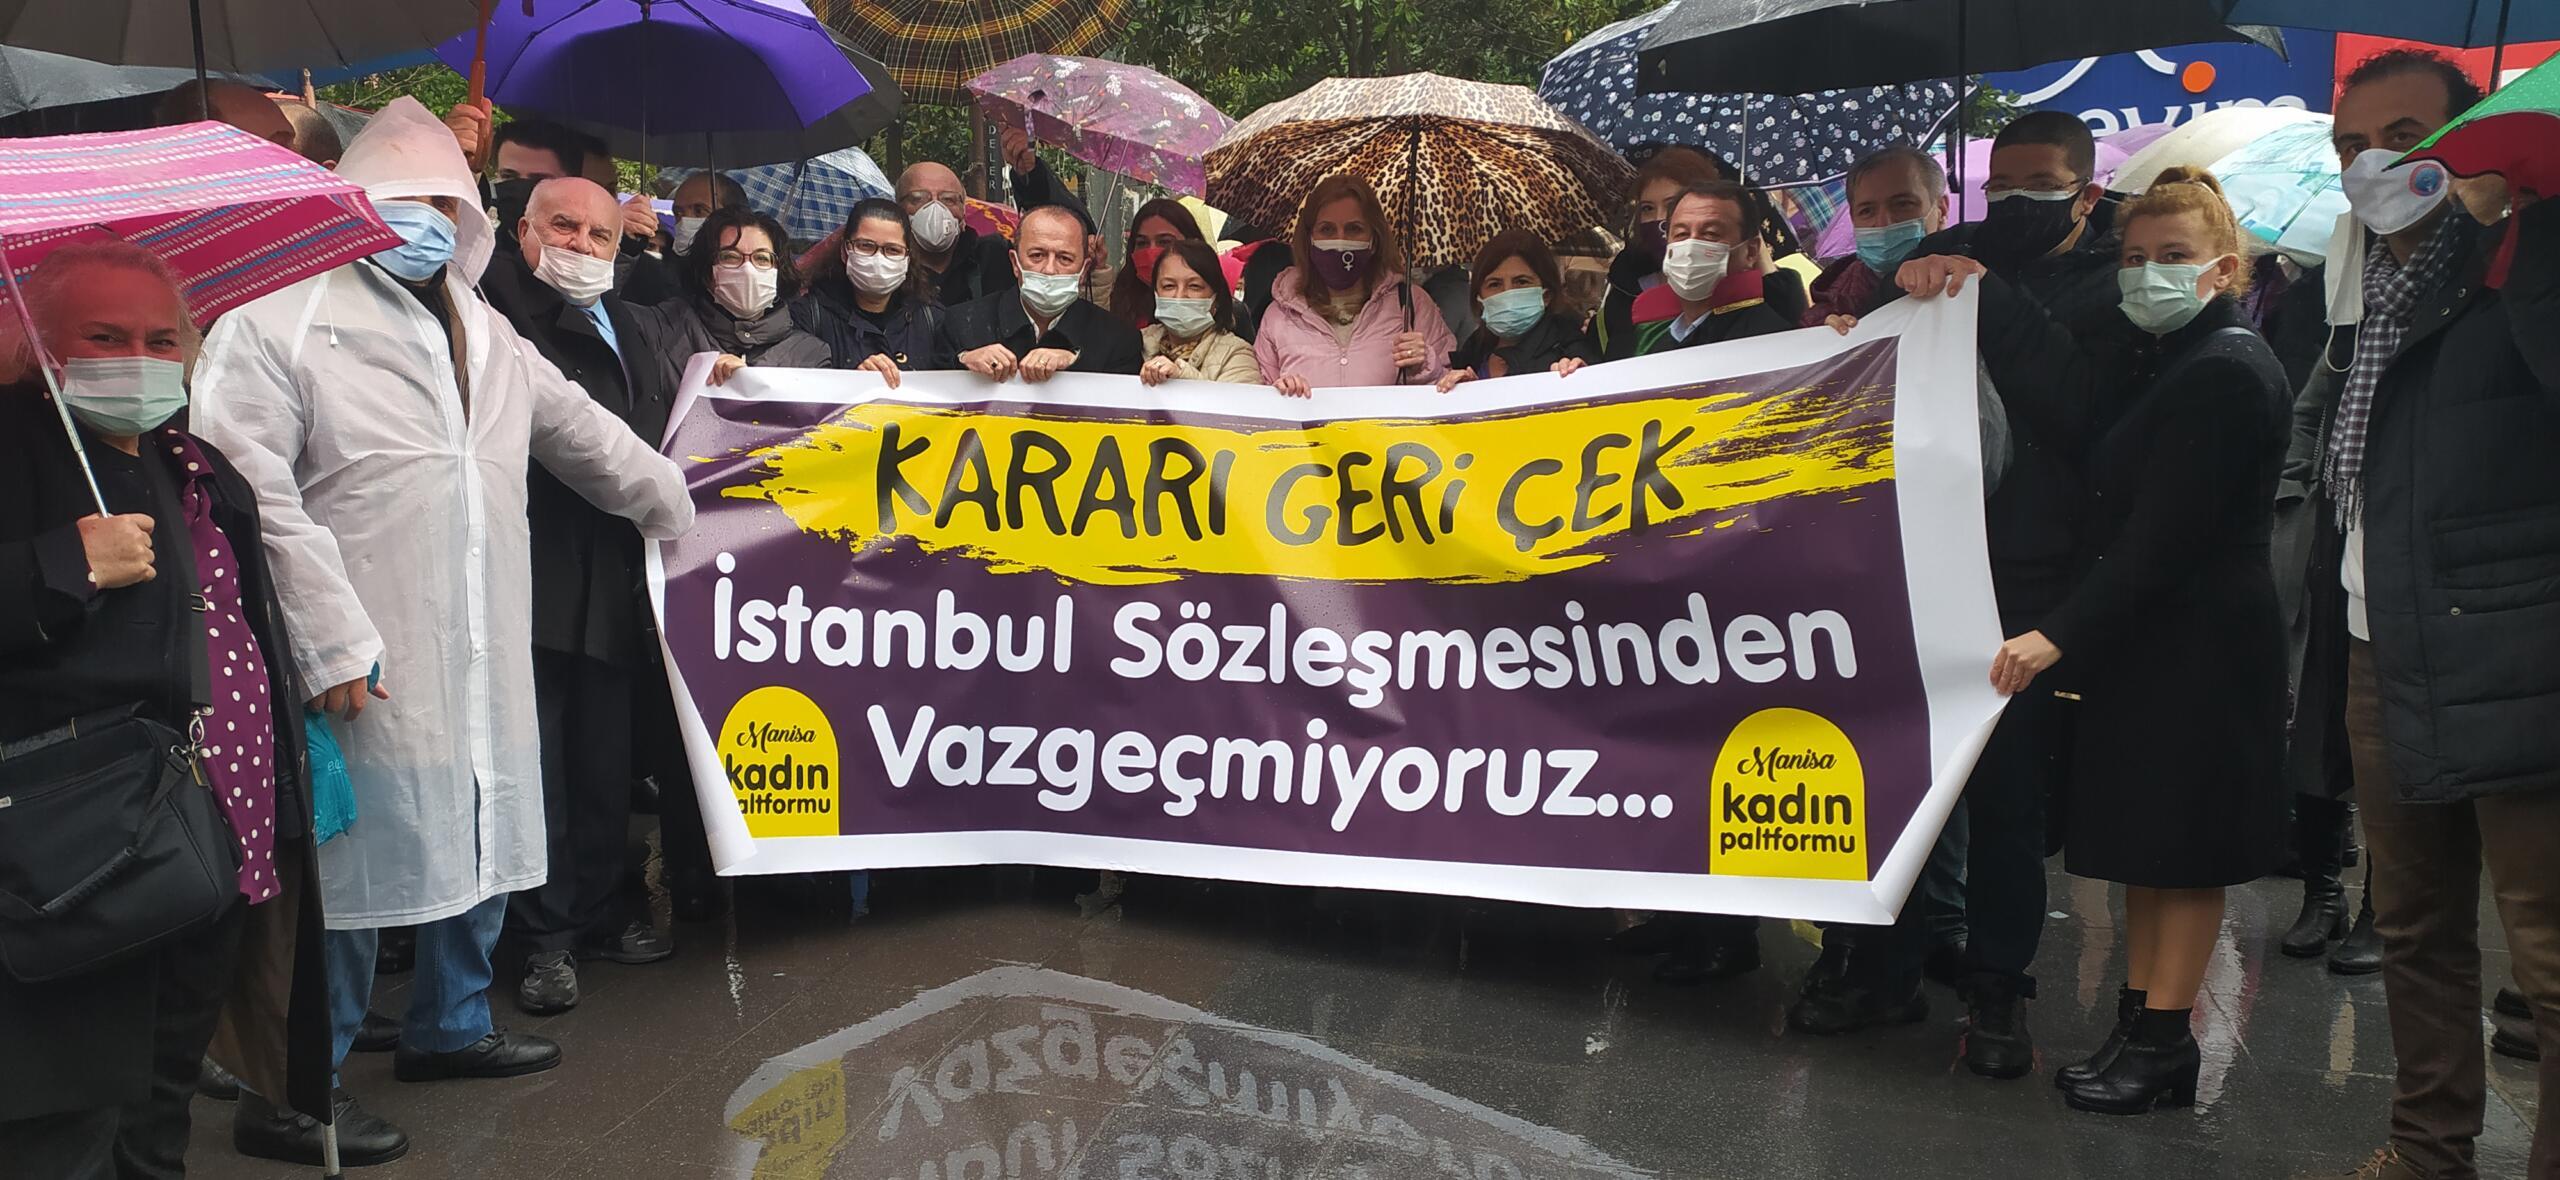 Manisa Kadın Platformu: 'İstanbul Sözleşmesinden vazgeçmiyoruz!'